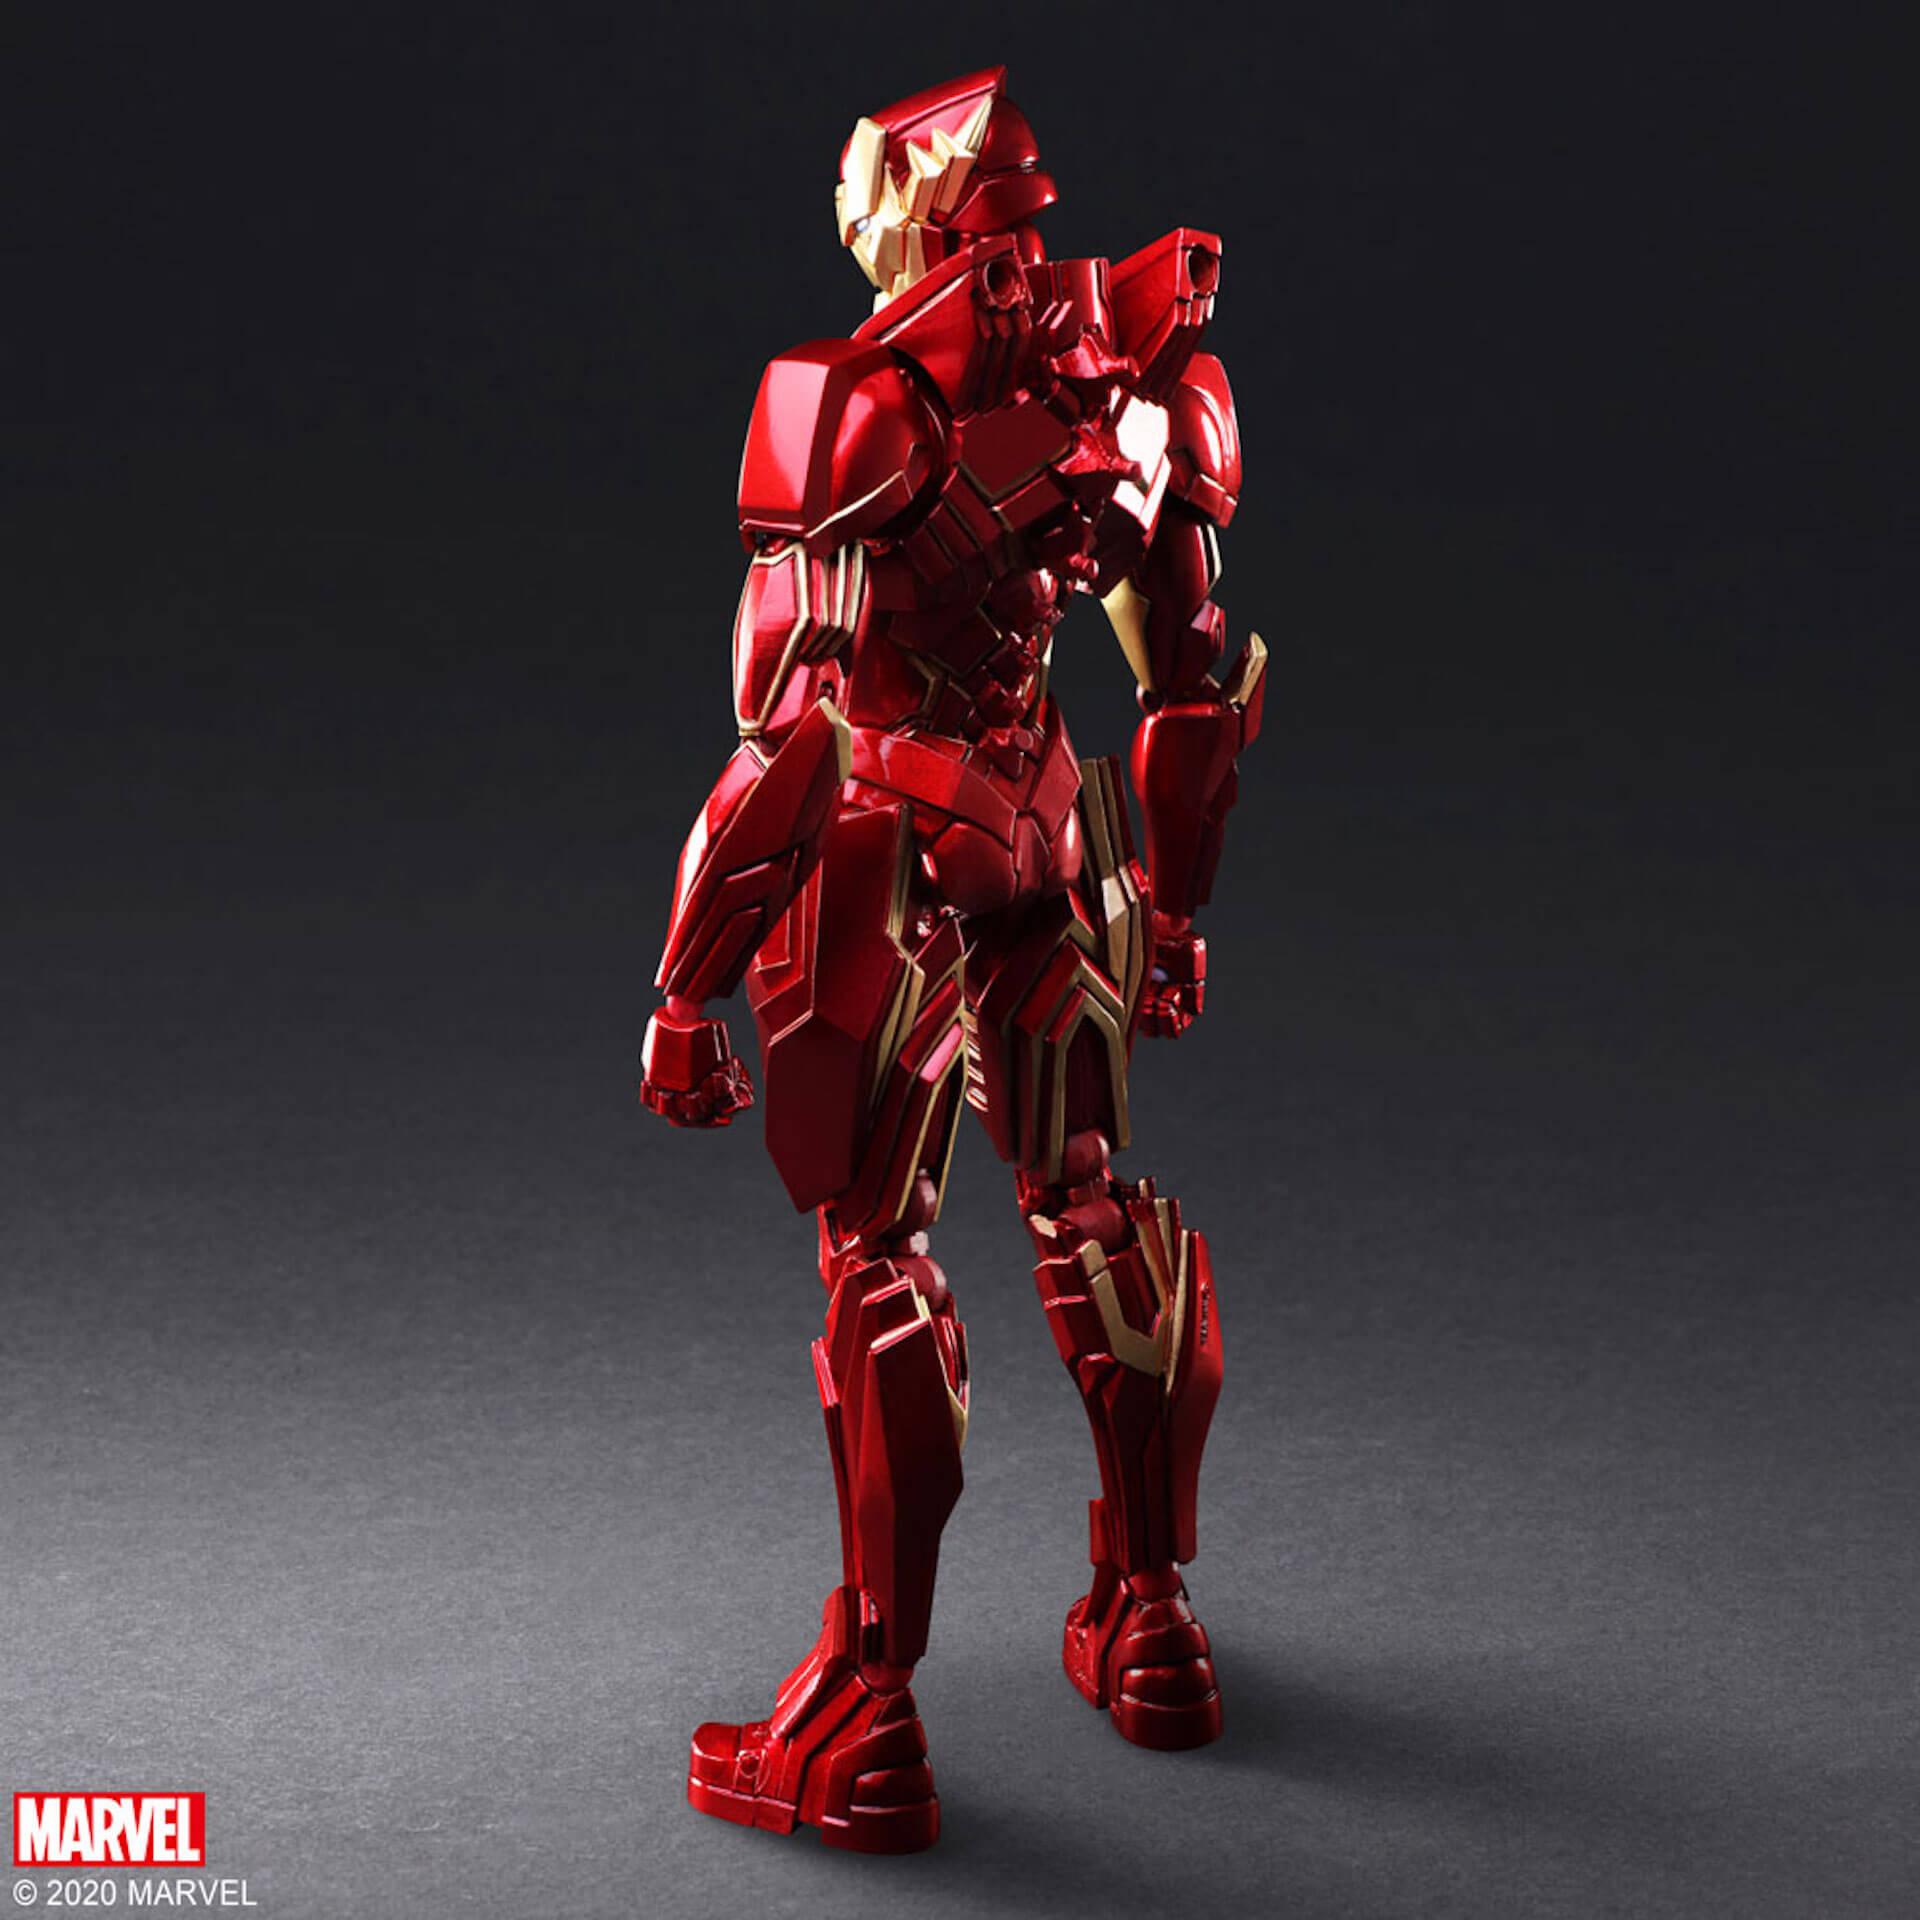 野村哲也デザインの『アイアンマン』『キャプテン・アメリカ』『スパイダーマン』フィギュアがスクウェア・エニックスのオンラインサイトで予約受付中! ac200702_marvel_nomuratesuya_02